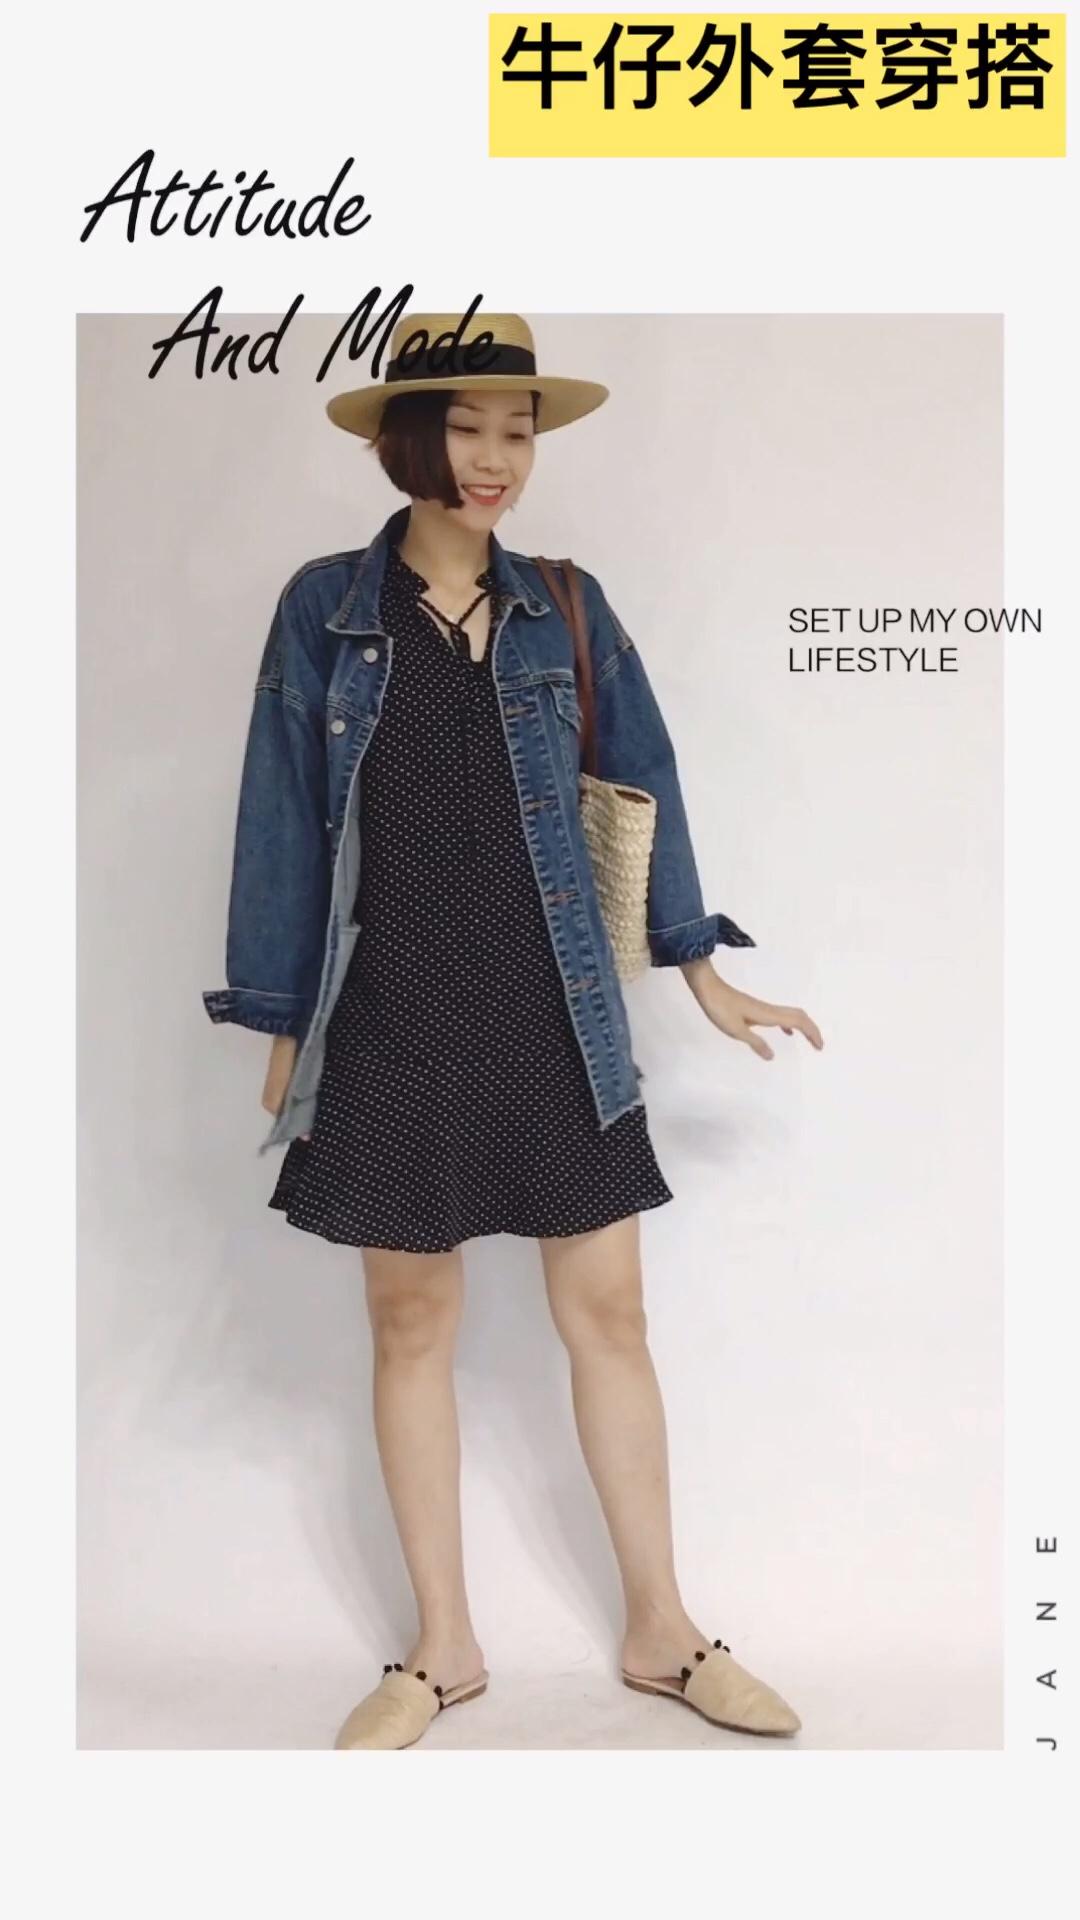 #专治腰粗连衣裙,解救胖妹#牛仔外套,这种单品真的是挺神奇的,看你怎么搭配就可以呈现出什么样的风格。我这次搭配了波点的连衣裙,很显瘦不显小肚子,非常甜美。草帽的加入,又让这套增加了一些复古的感觉,很好看。